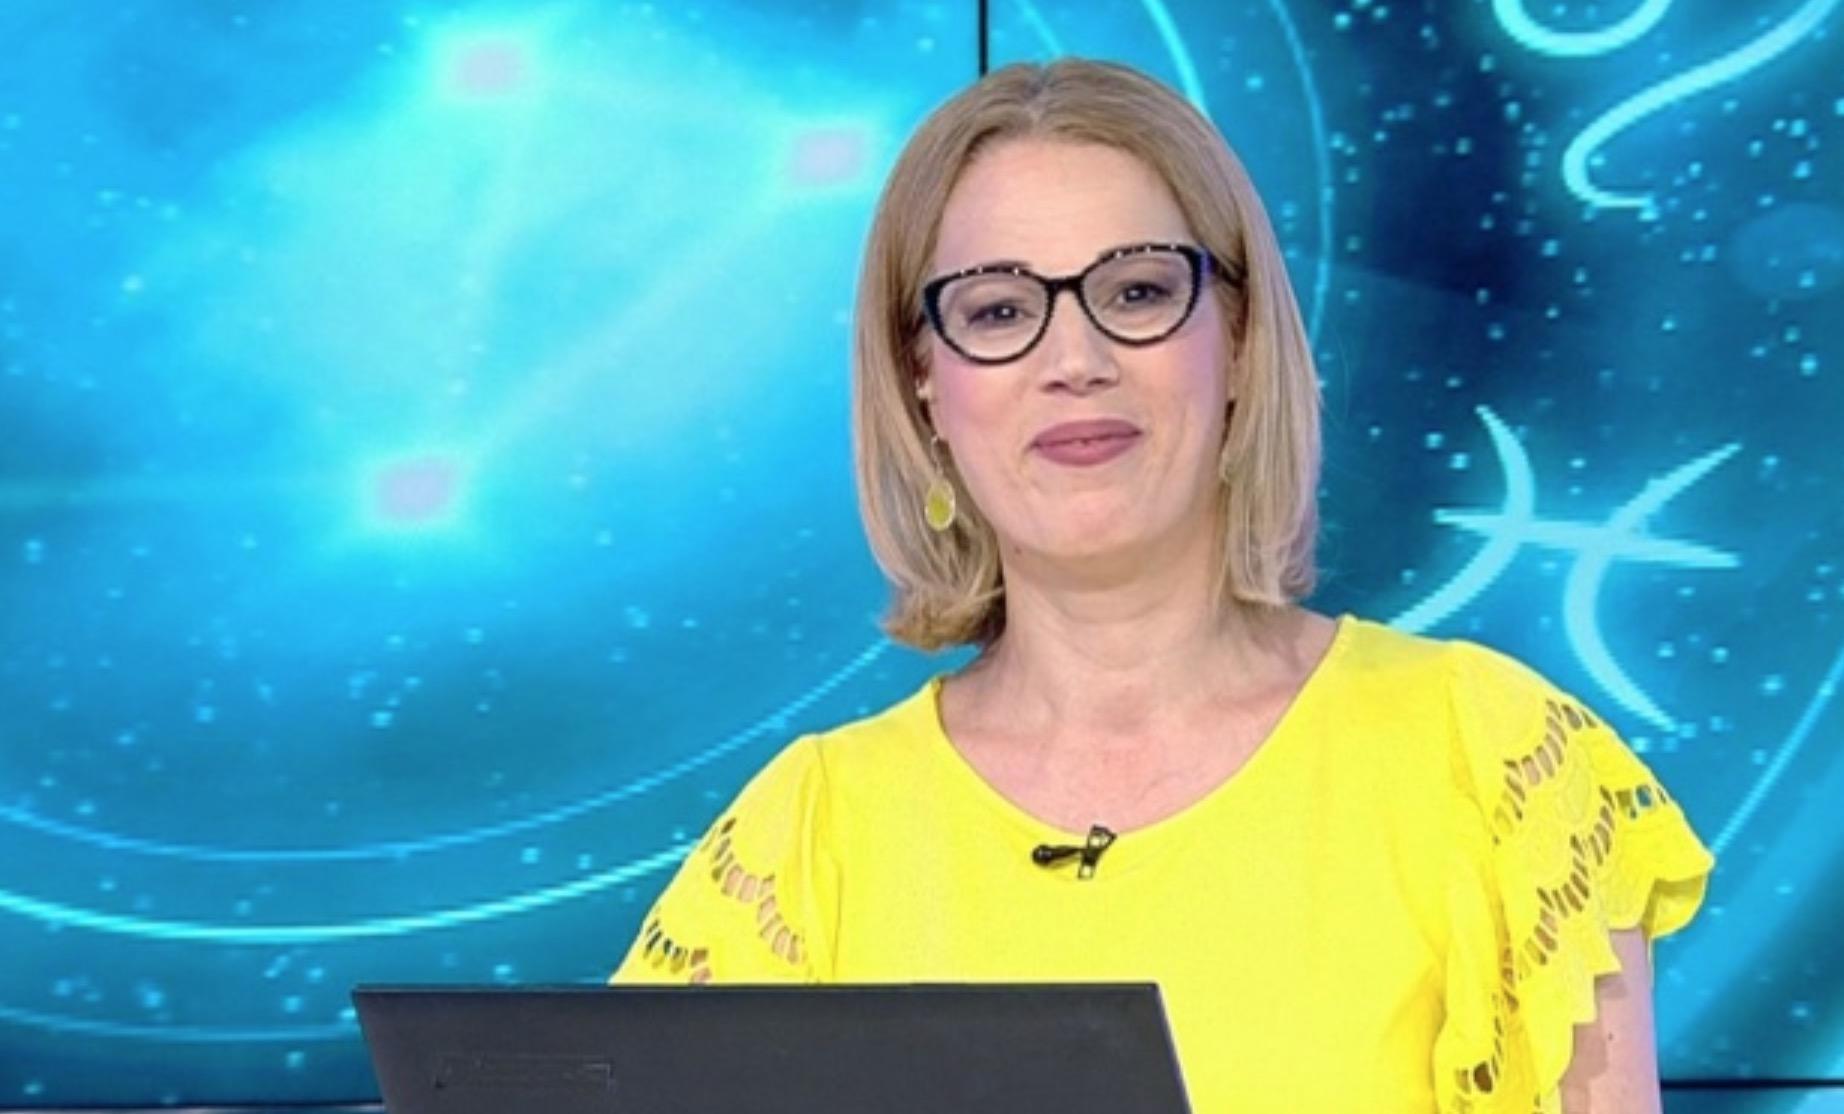 Horoscop Camelia Pătrășcanu 26 august - 1 septembrie 2019 - Vine sacul cu bucurii pentru săgetători